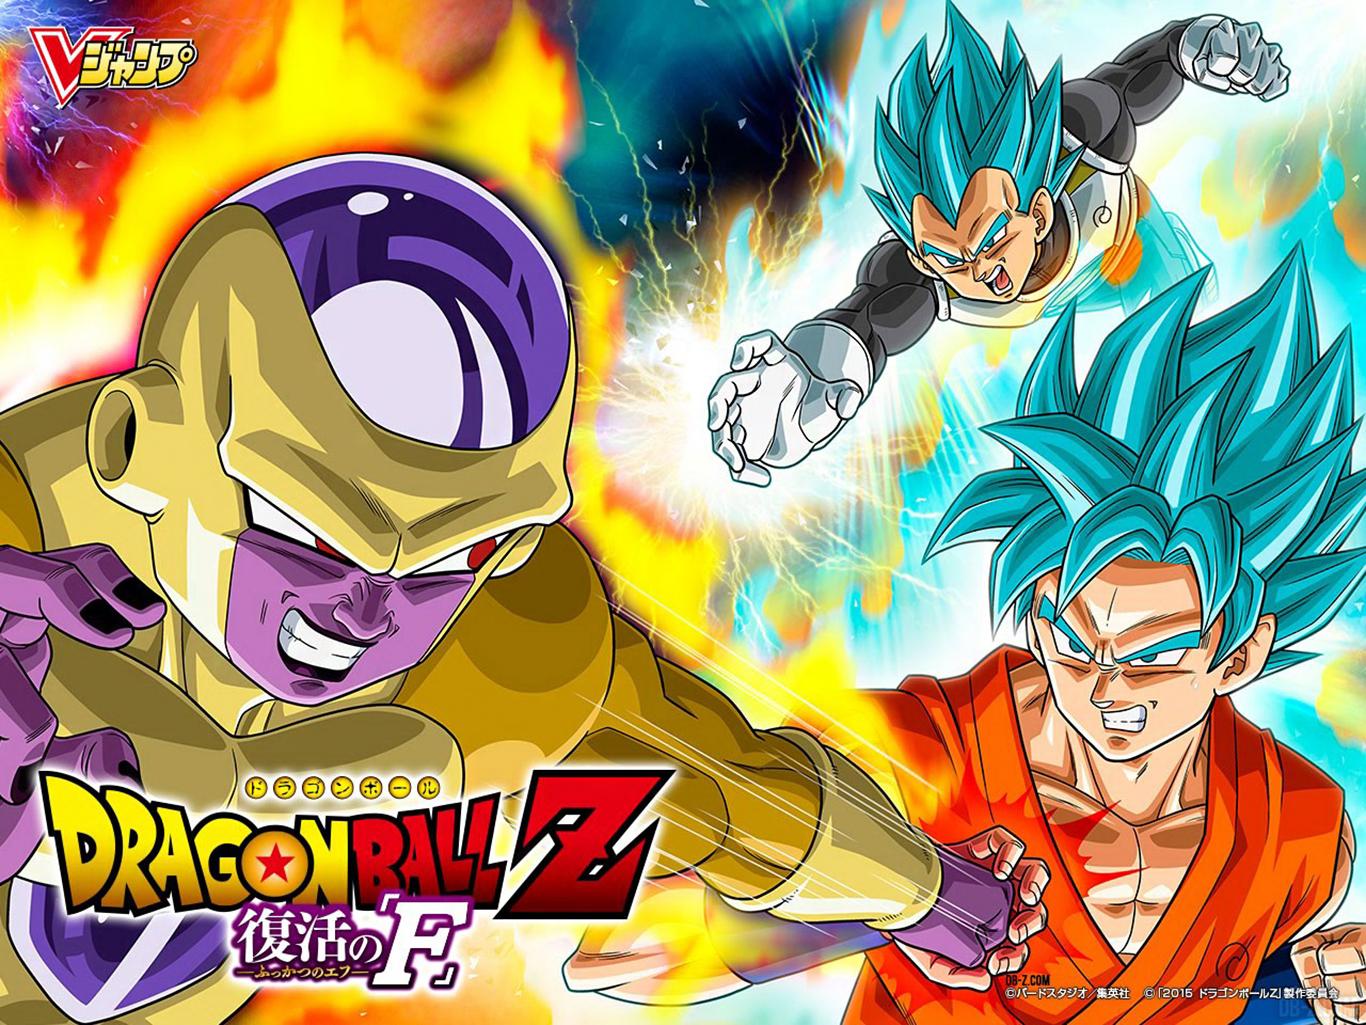 Dragon Ball Z Resurrection Of F Fondos De Pantalla